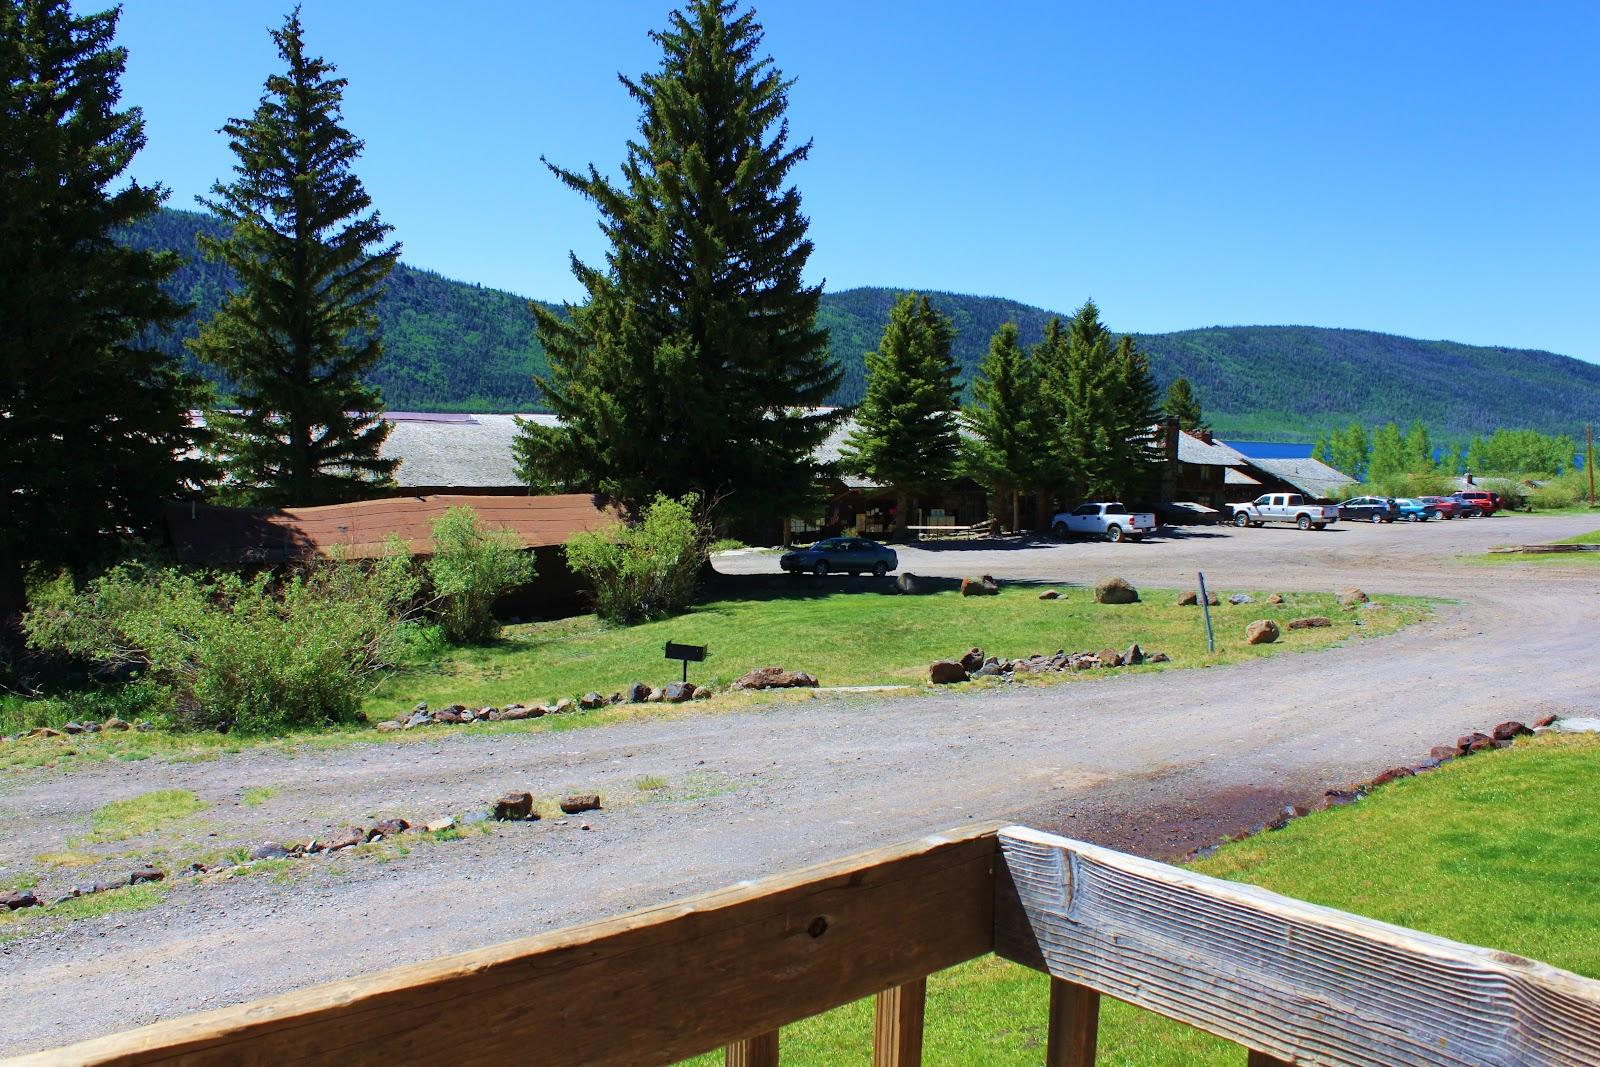 Rental cabins at fish lake utah ponderosa 8 person deluxe for Fish lake utah